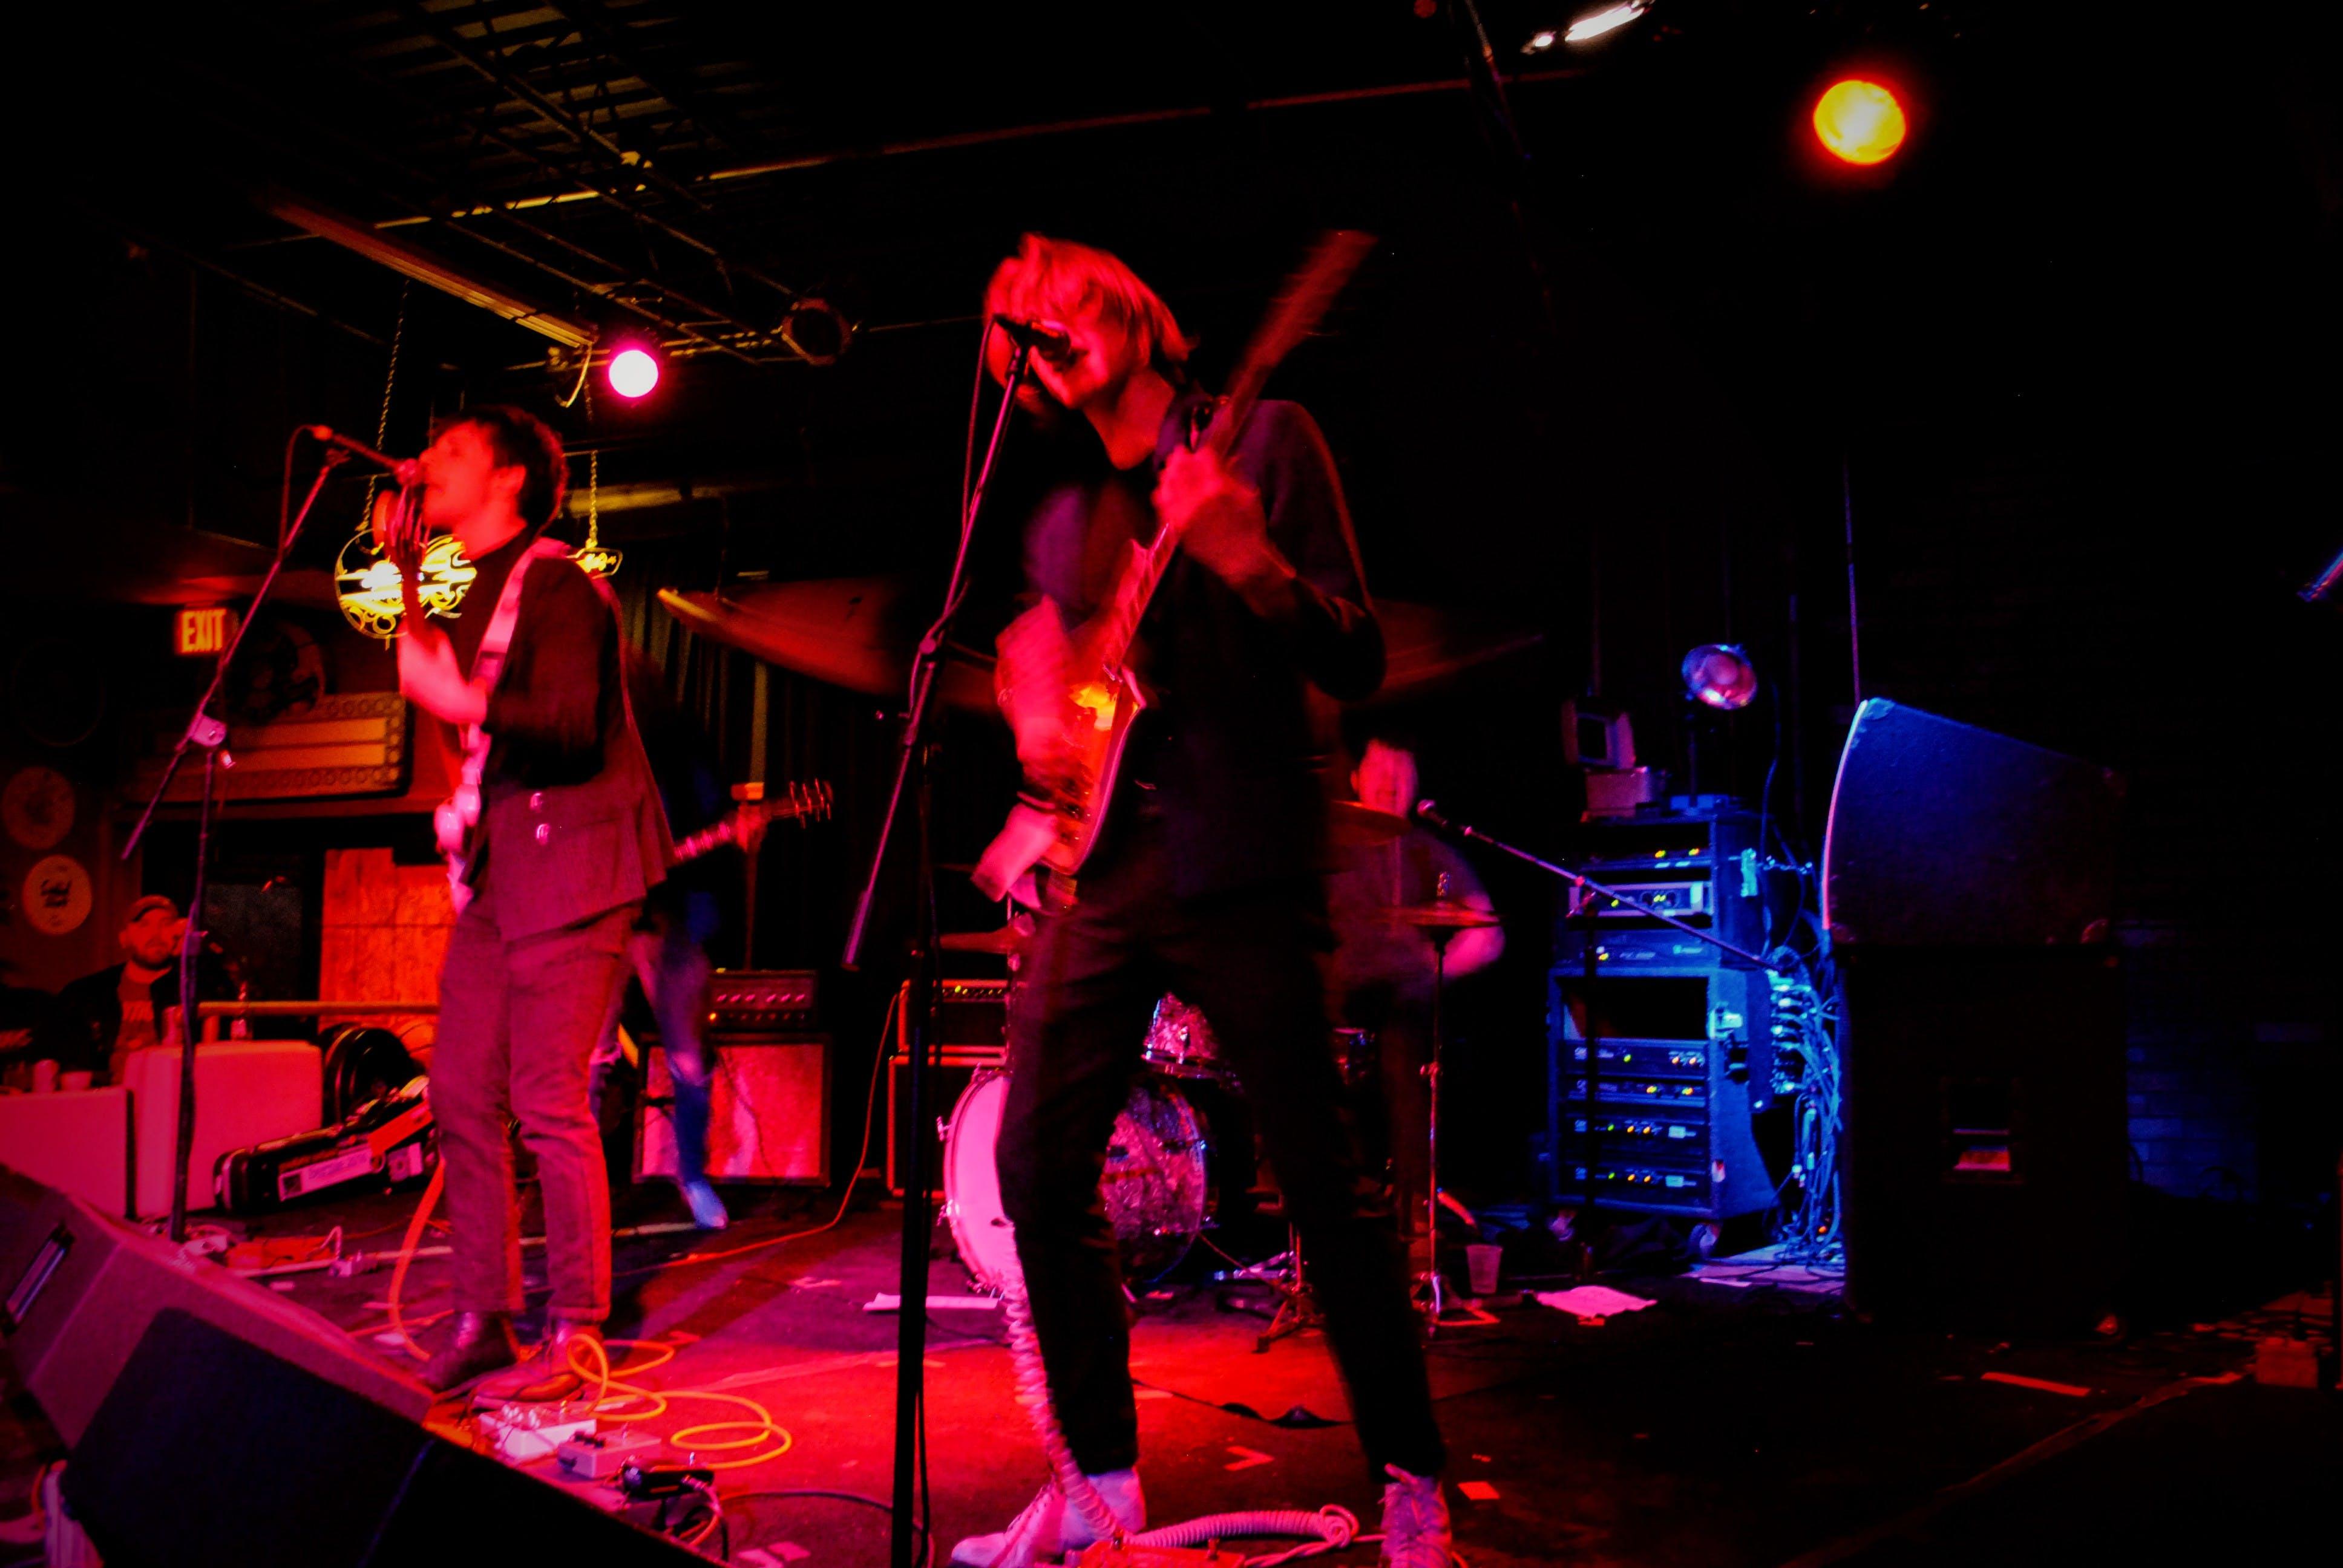 Kostenloses Stock Foto zu band, blauem hintergrund, live musik, rotlicht